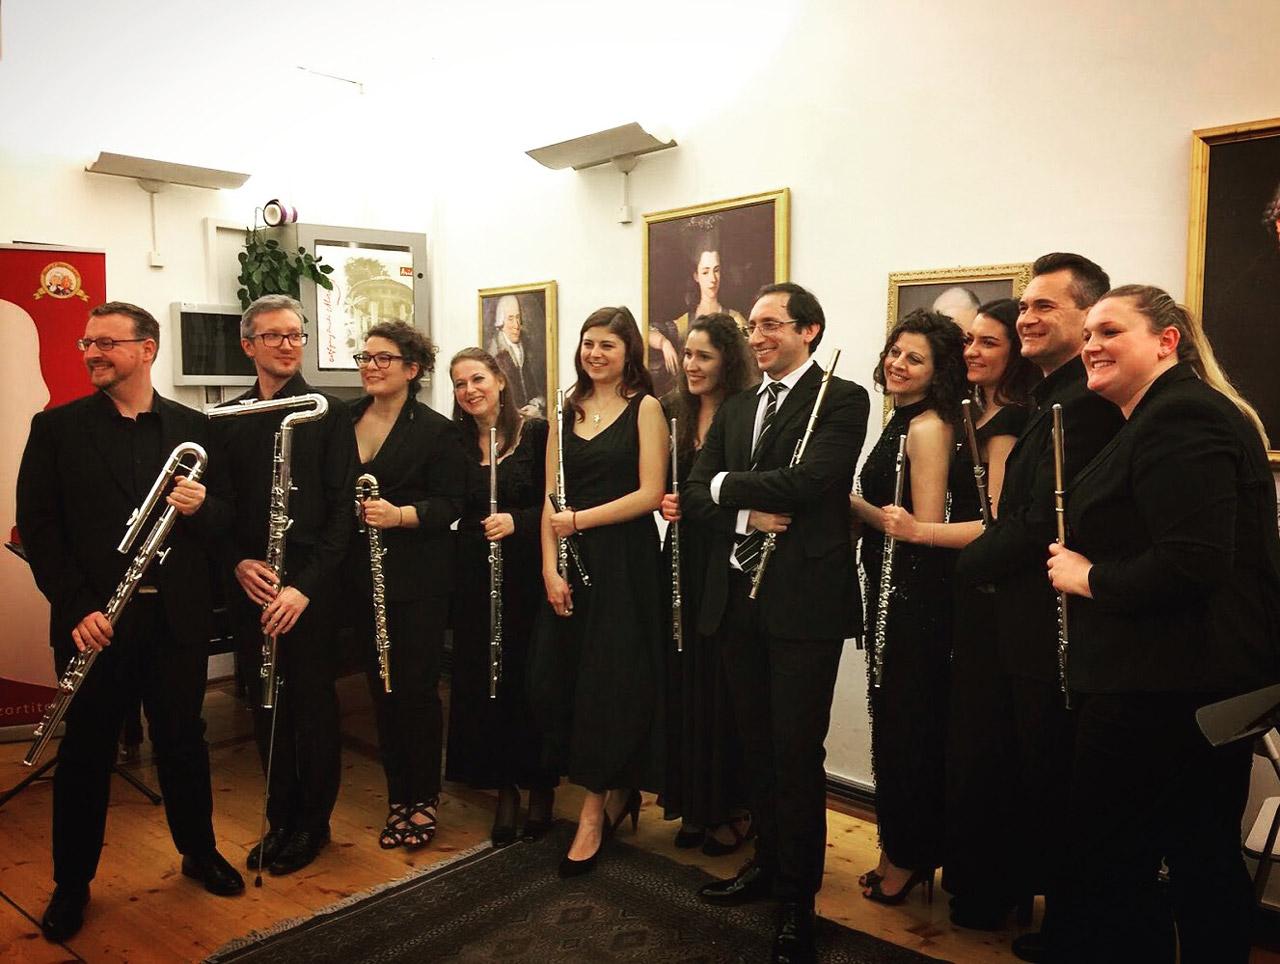 Il gruppo, a Rovereto Casa dei Diamanti, con il Maestro Andrea Manco,  primo flauto della Scala